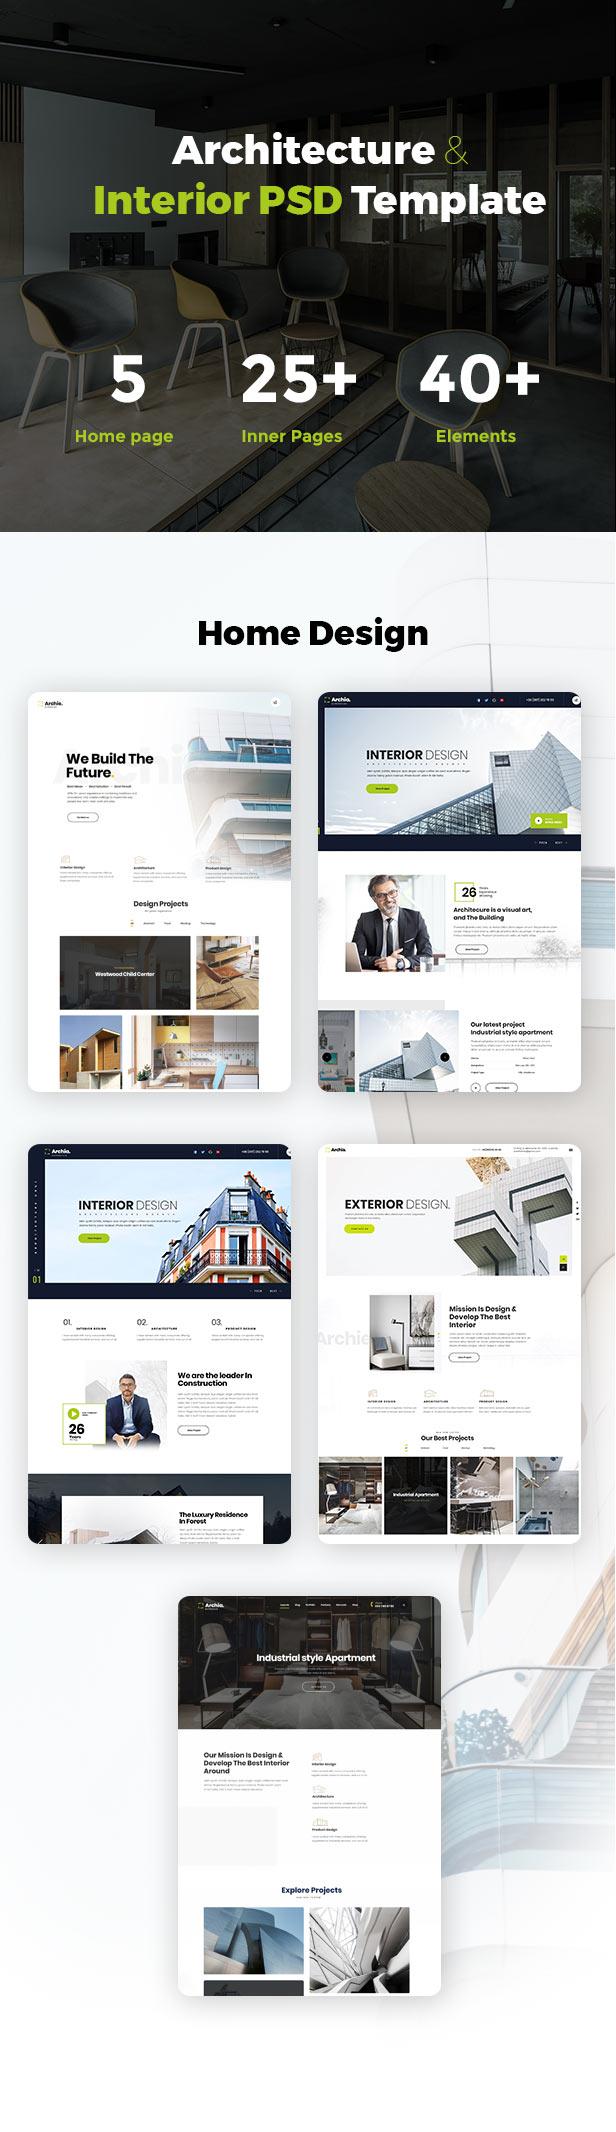 Archia - Architecture & Interior PSD Template - 2